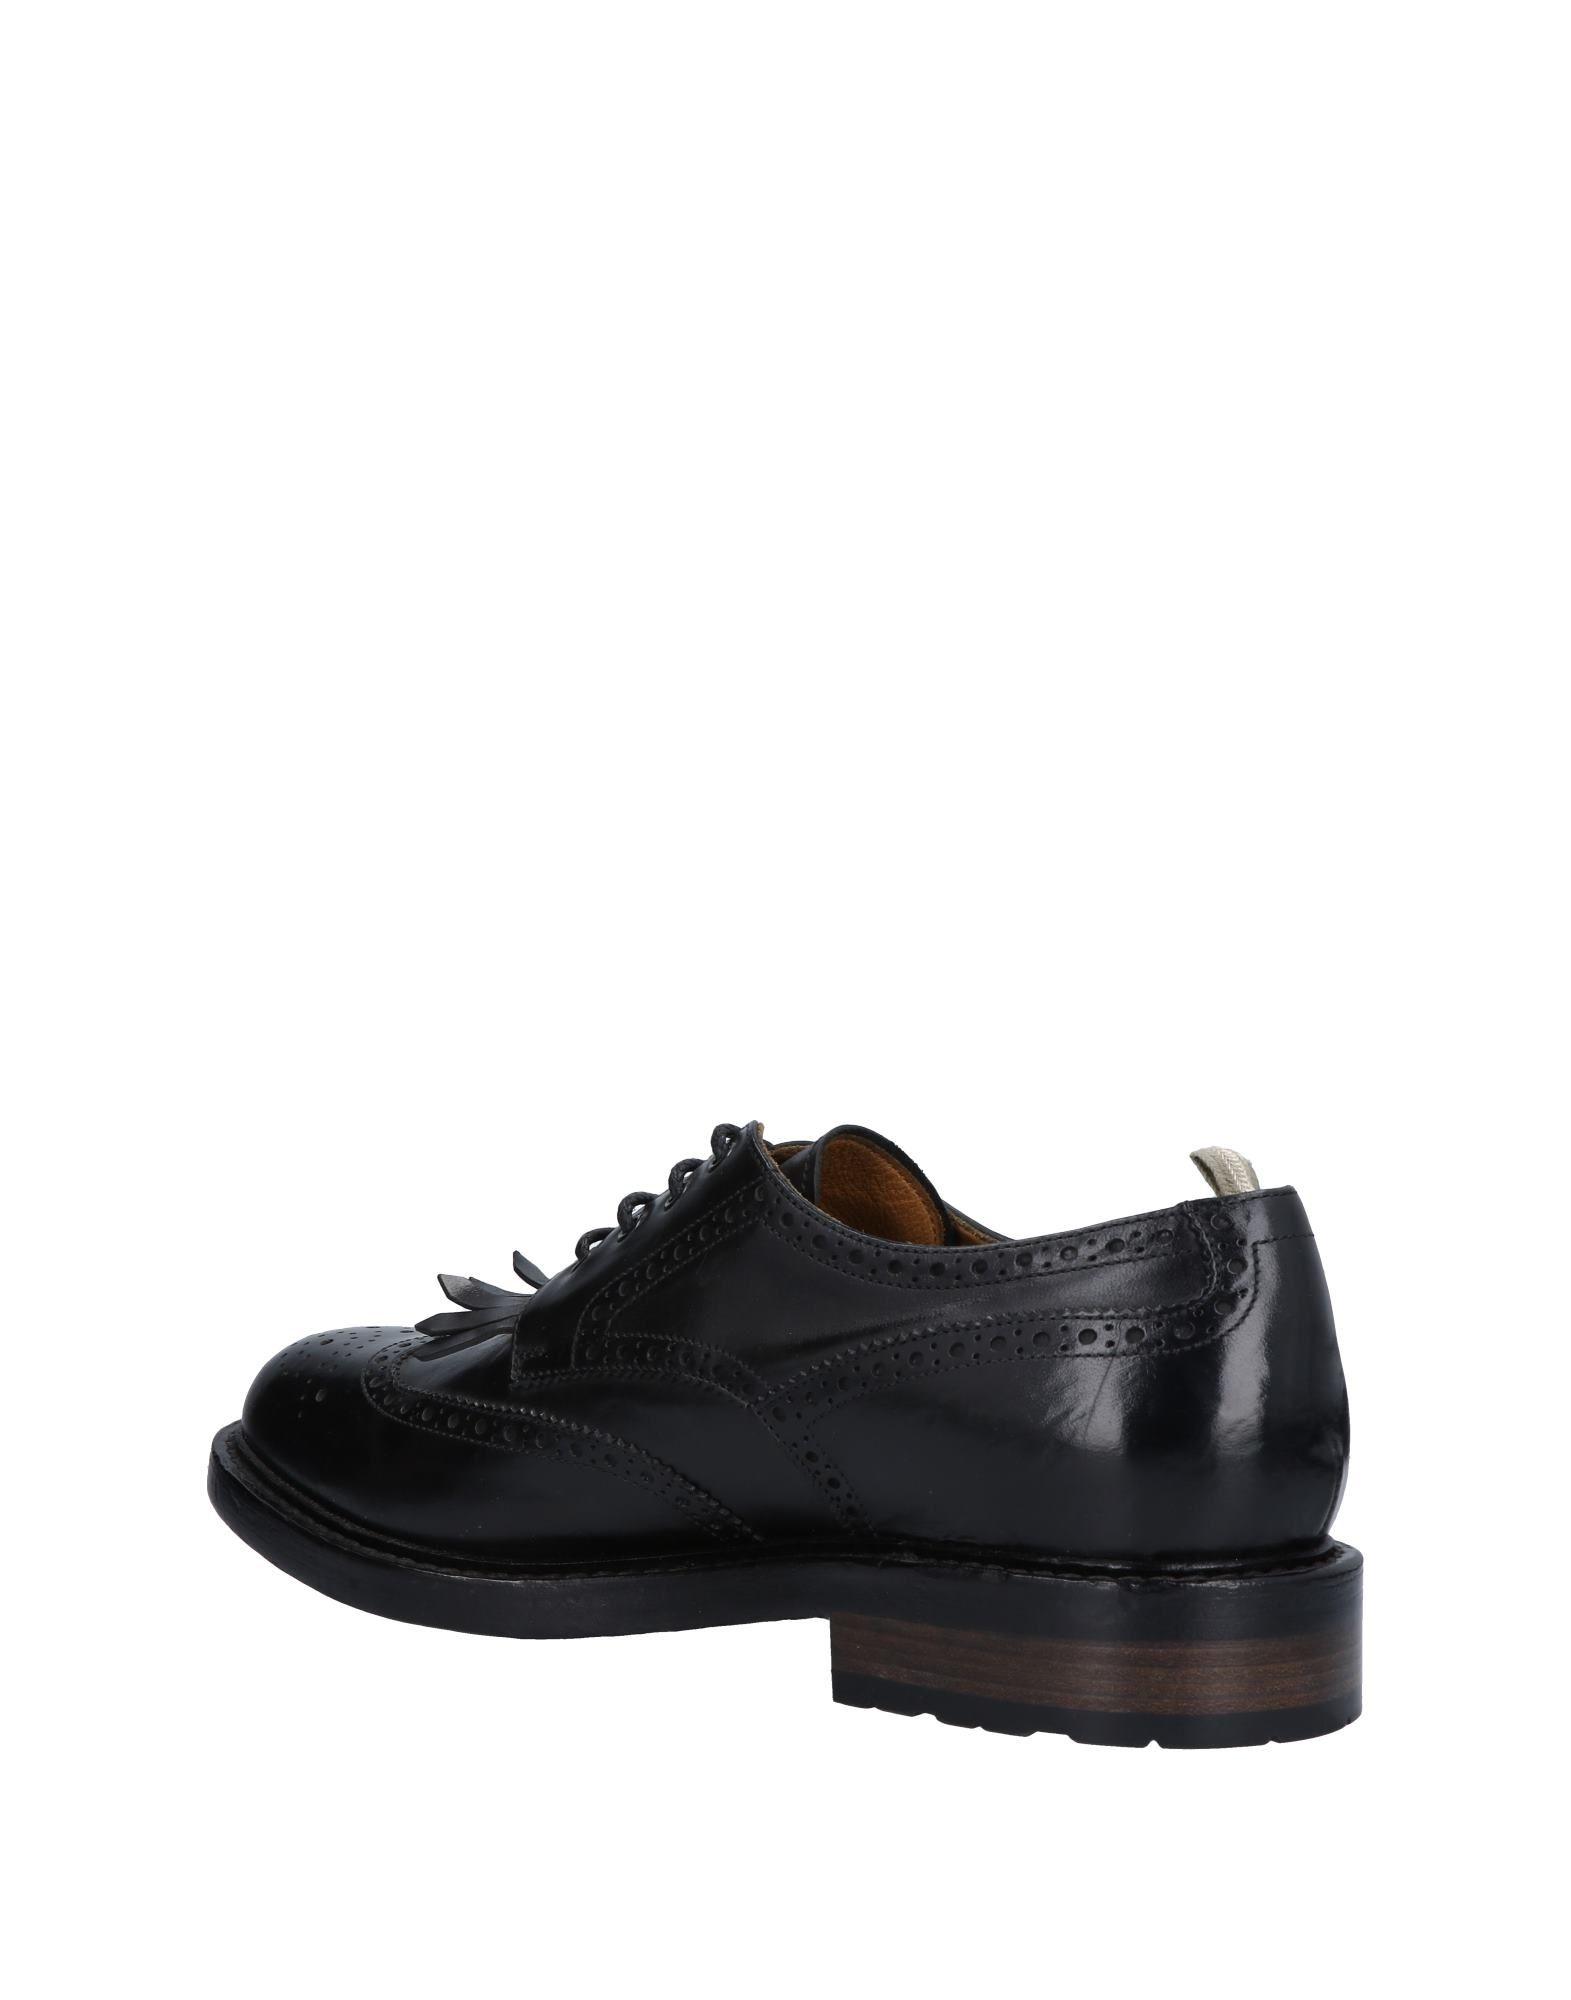 Officine Officine Officine Creative Italia Schnürschuhe Herren  11487836FT Neue Schuhe aff30b